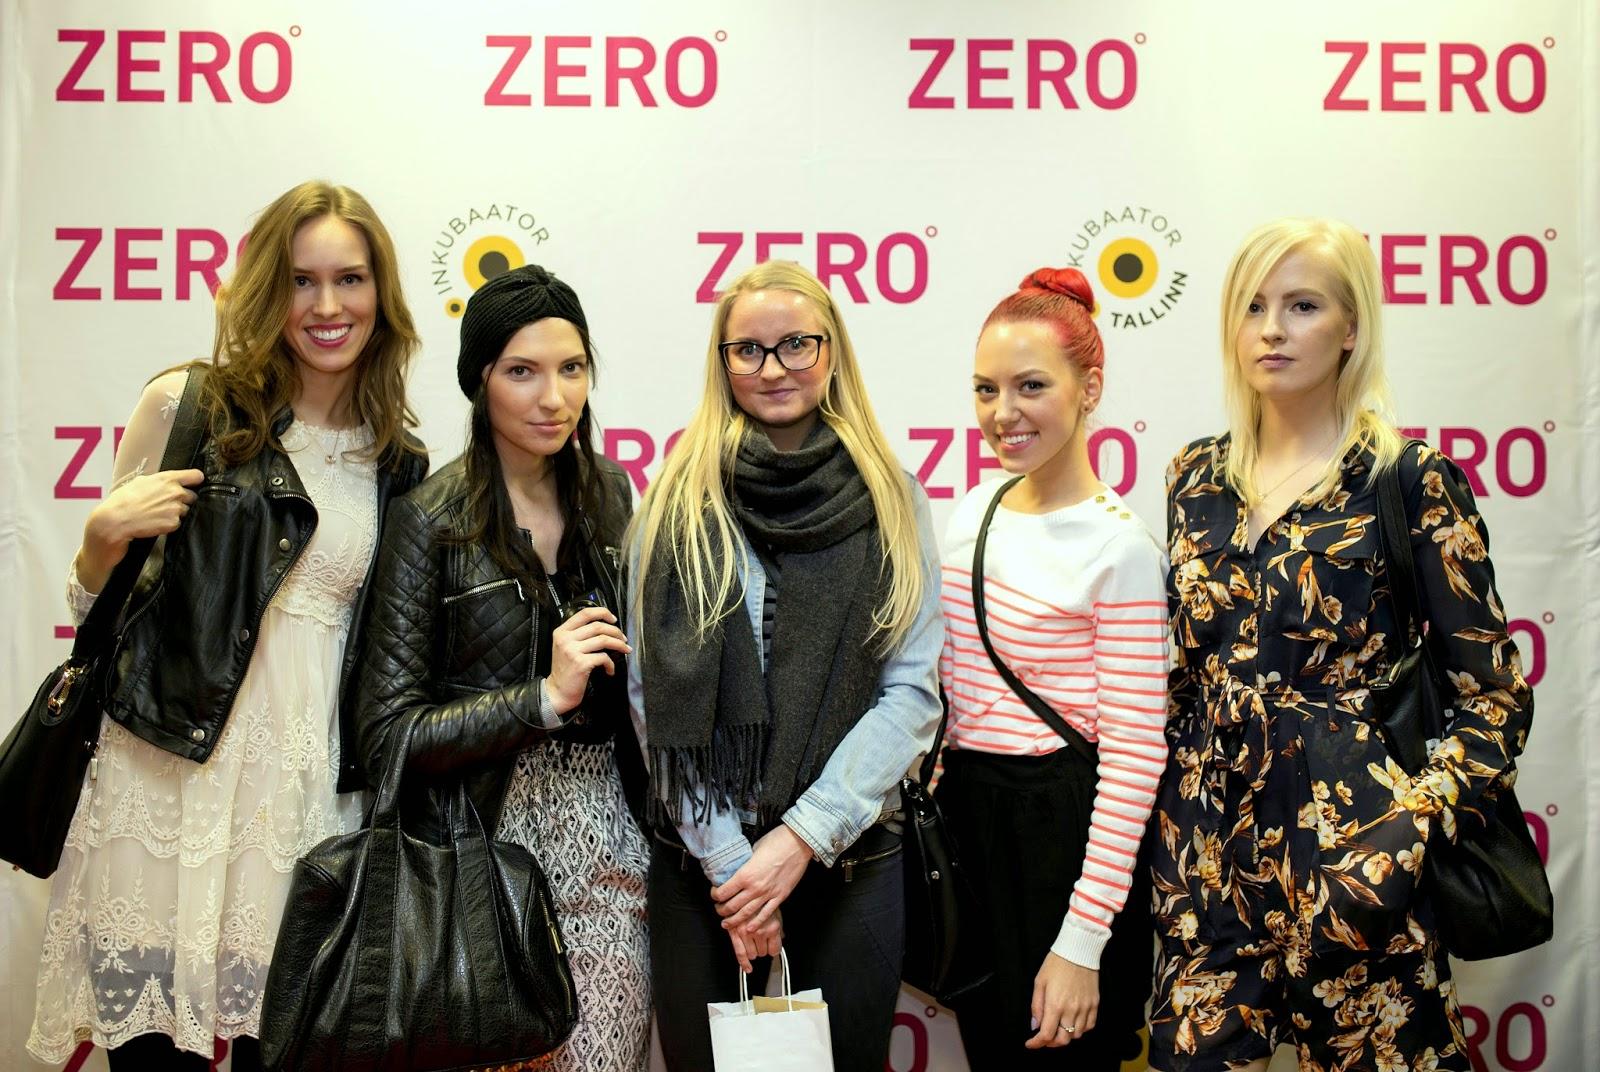 moepood-pop-up-zero-moeshow-eesti-blogijad-kristjaana